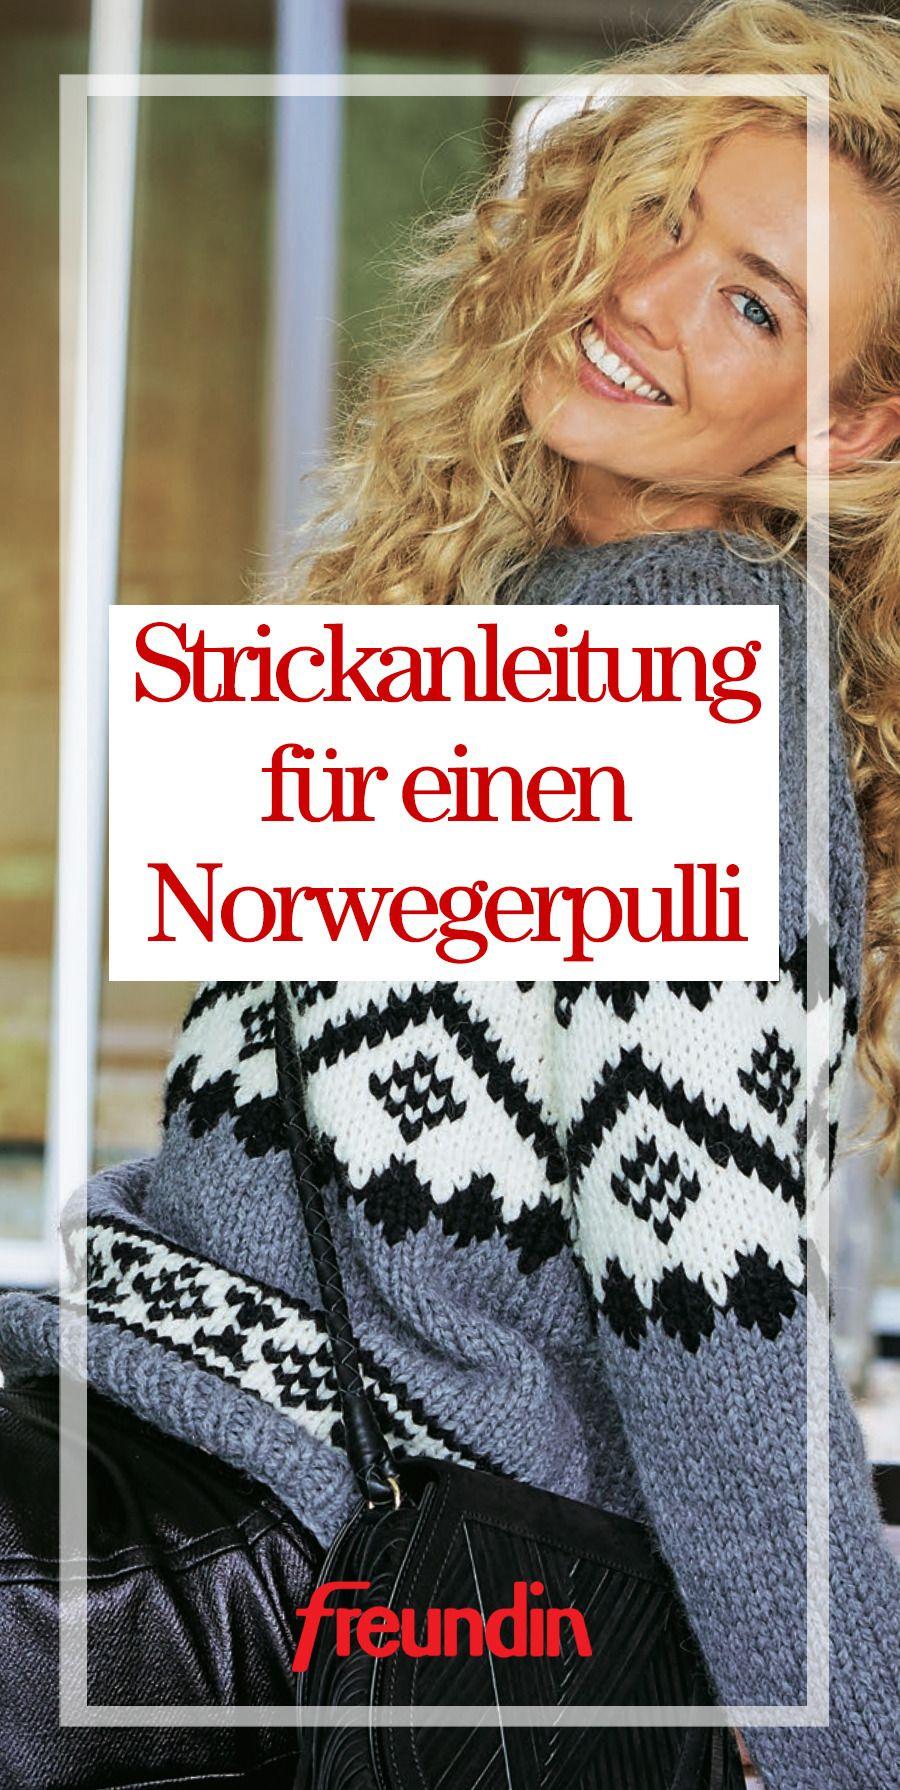 Photo of Strickanleitung für einen Norwegerpulli